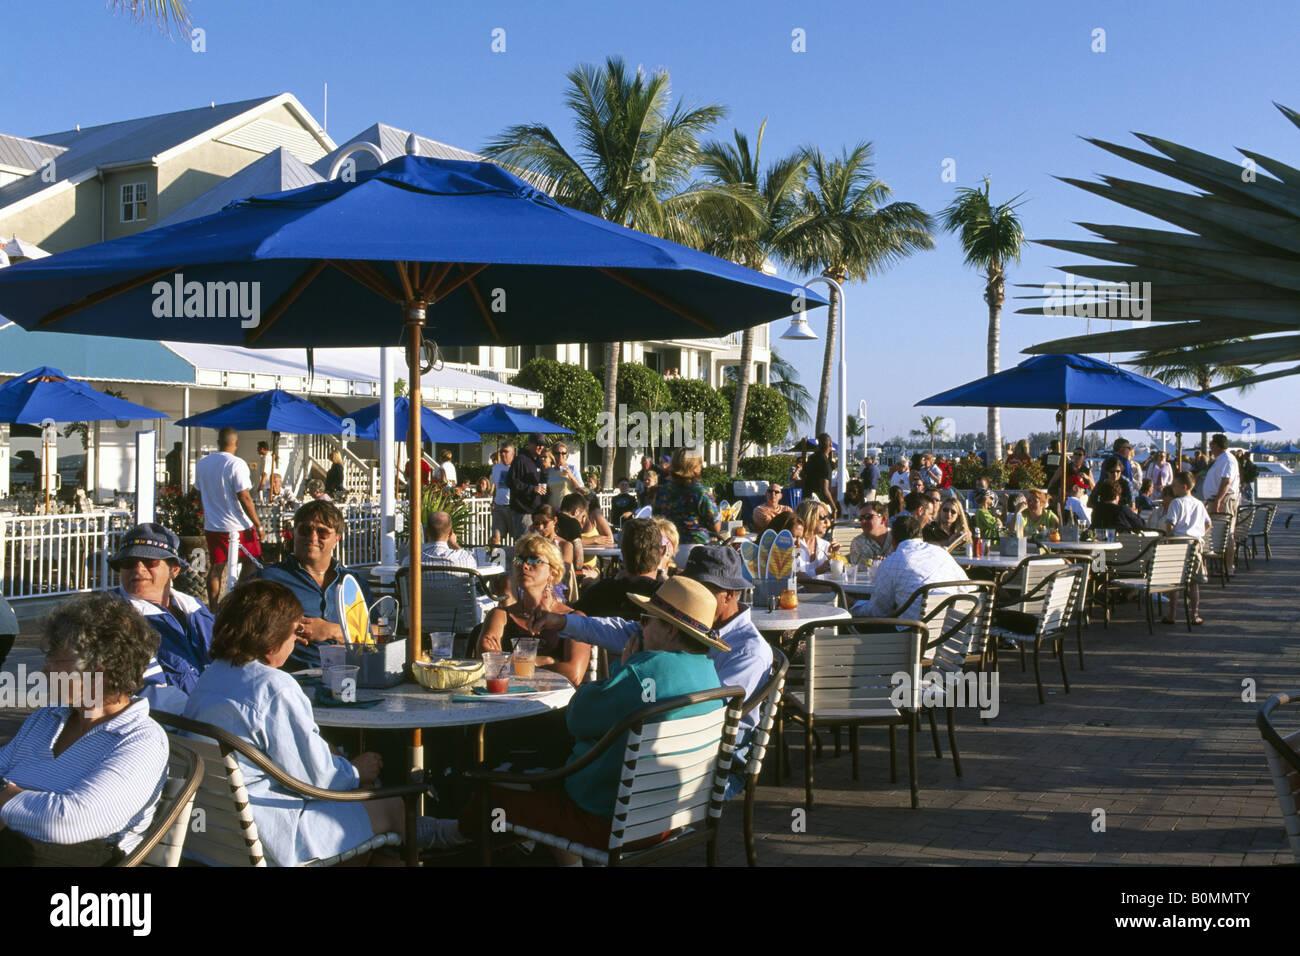 Street cafe during sunset Key West Florida Keys Florida USA - Stock Image